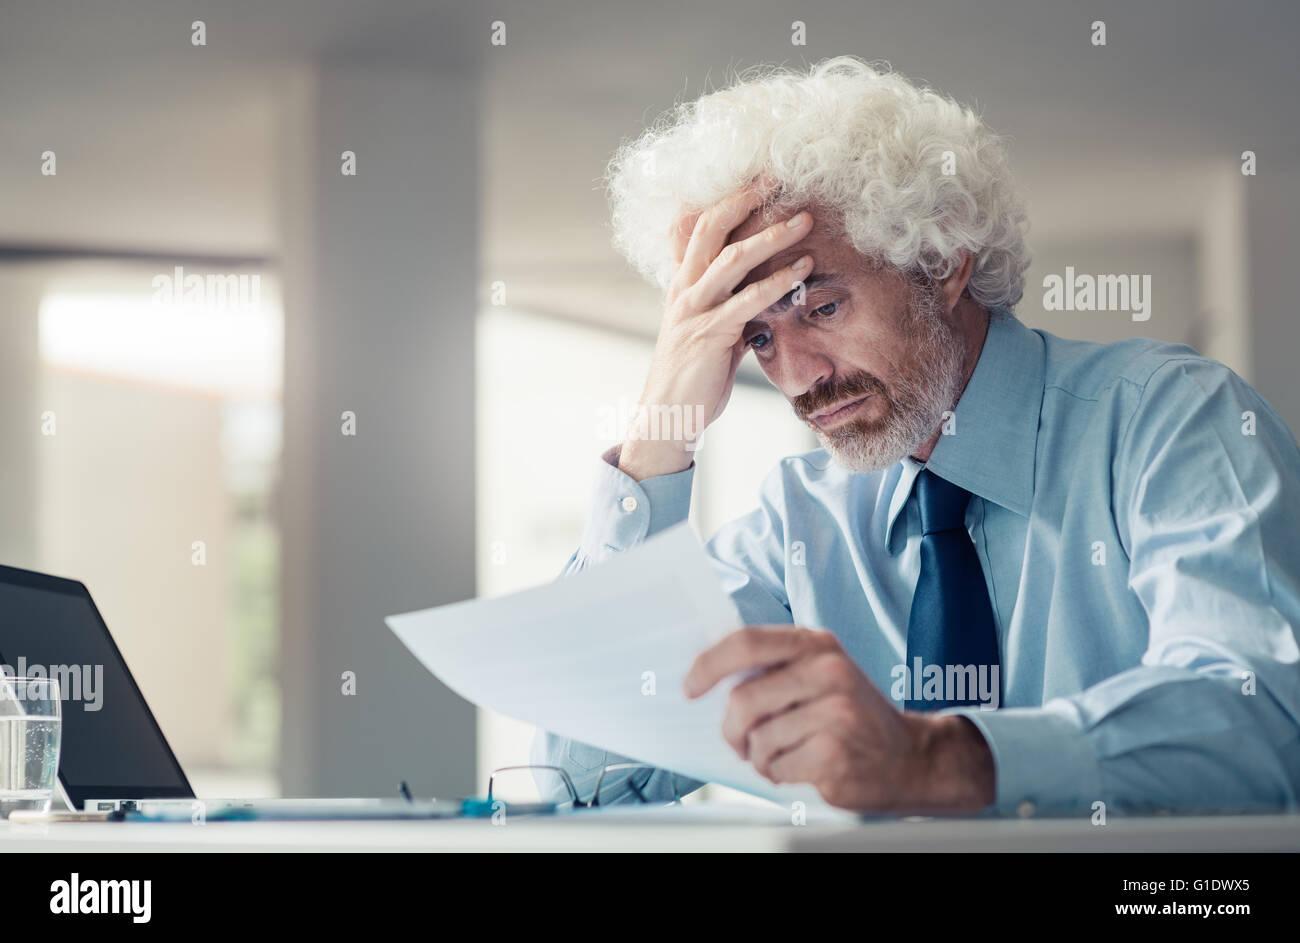 Verwirrt, schockiert Geschäftsmann schlechte Nachrichten empfangen, einen Brief lesend und berührt seine Stockbild